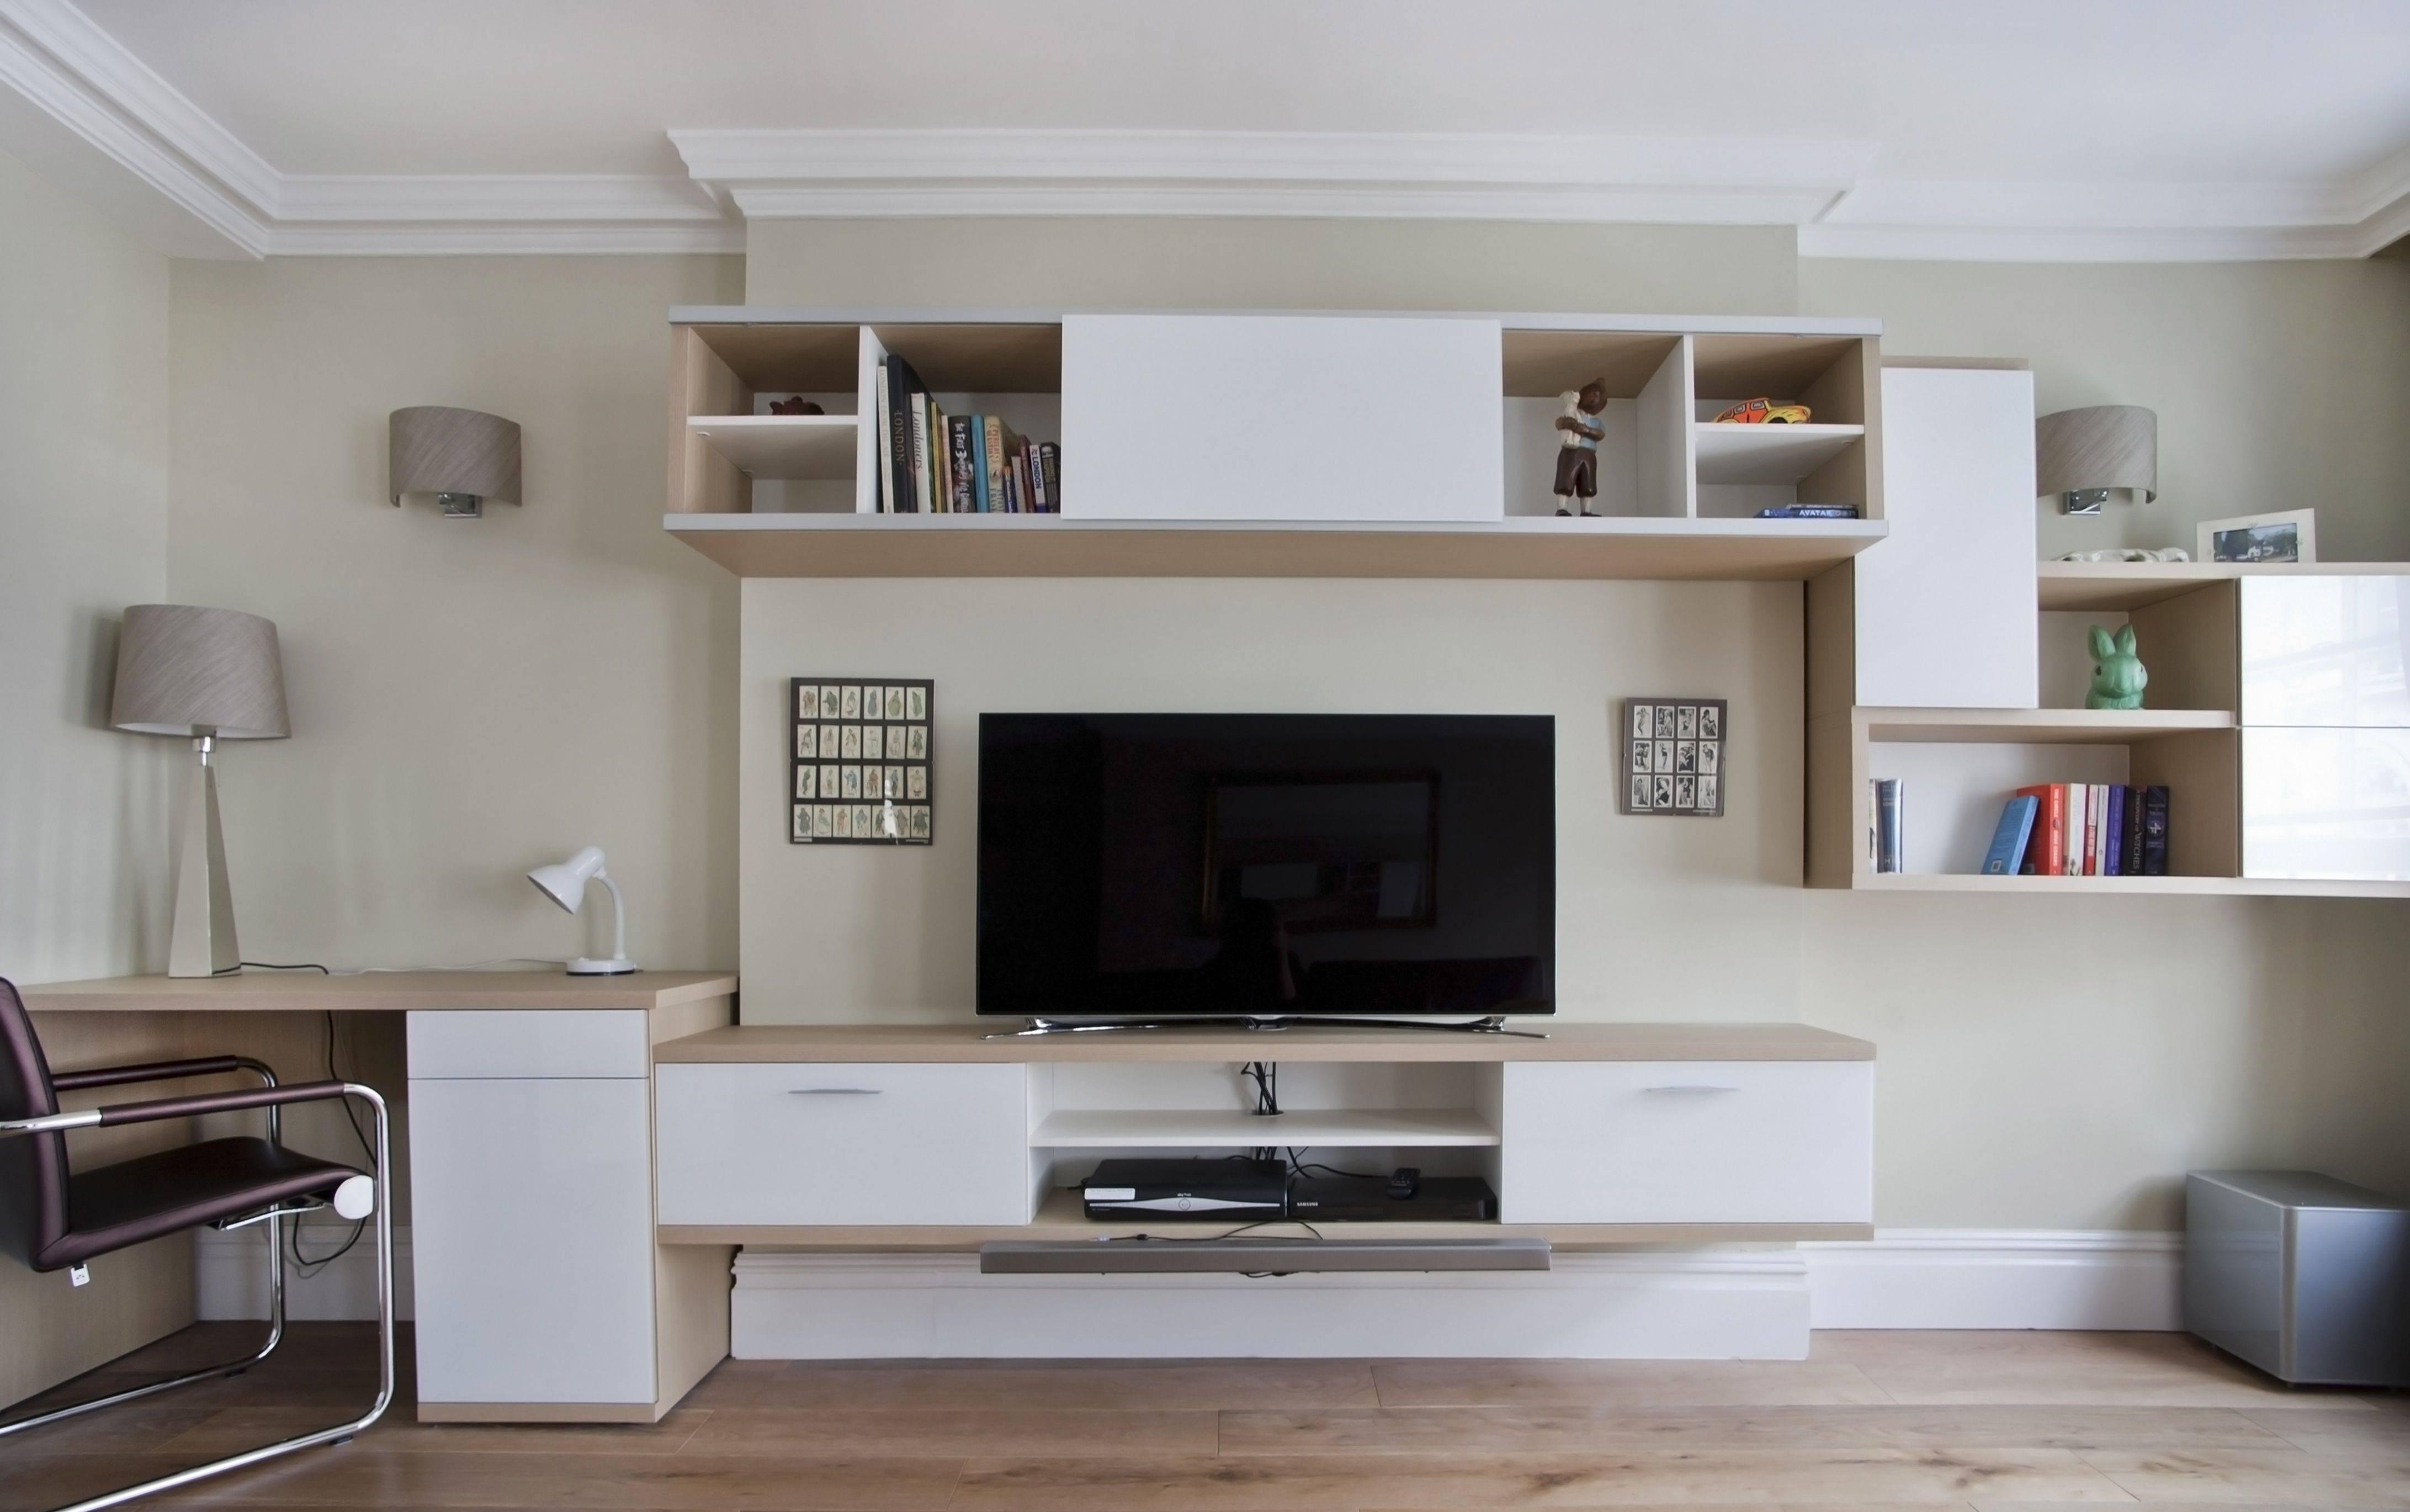 Стол в гостиную (86 фото): маленький кофейный столик, письменный стол и другие варианты для зала, стеклянные, деревянные и иные модели